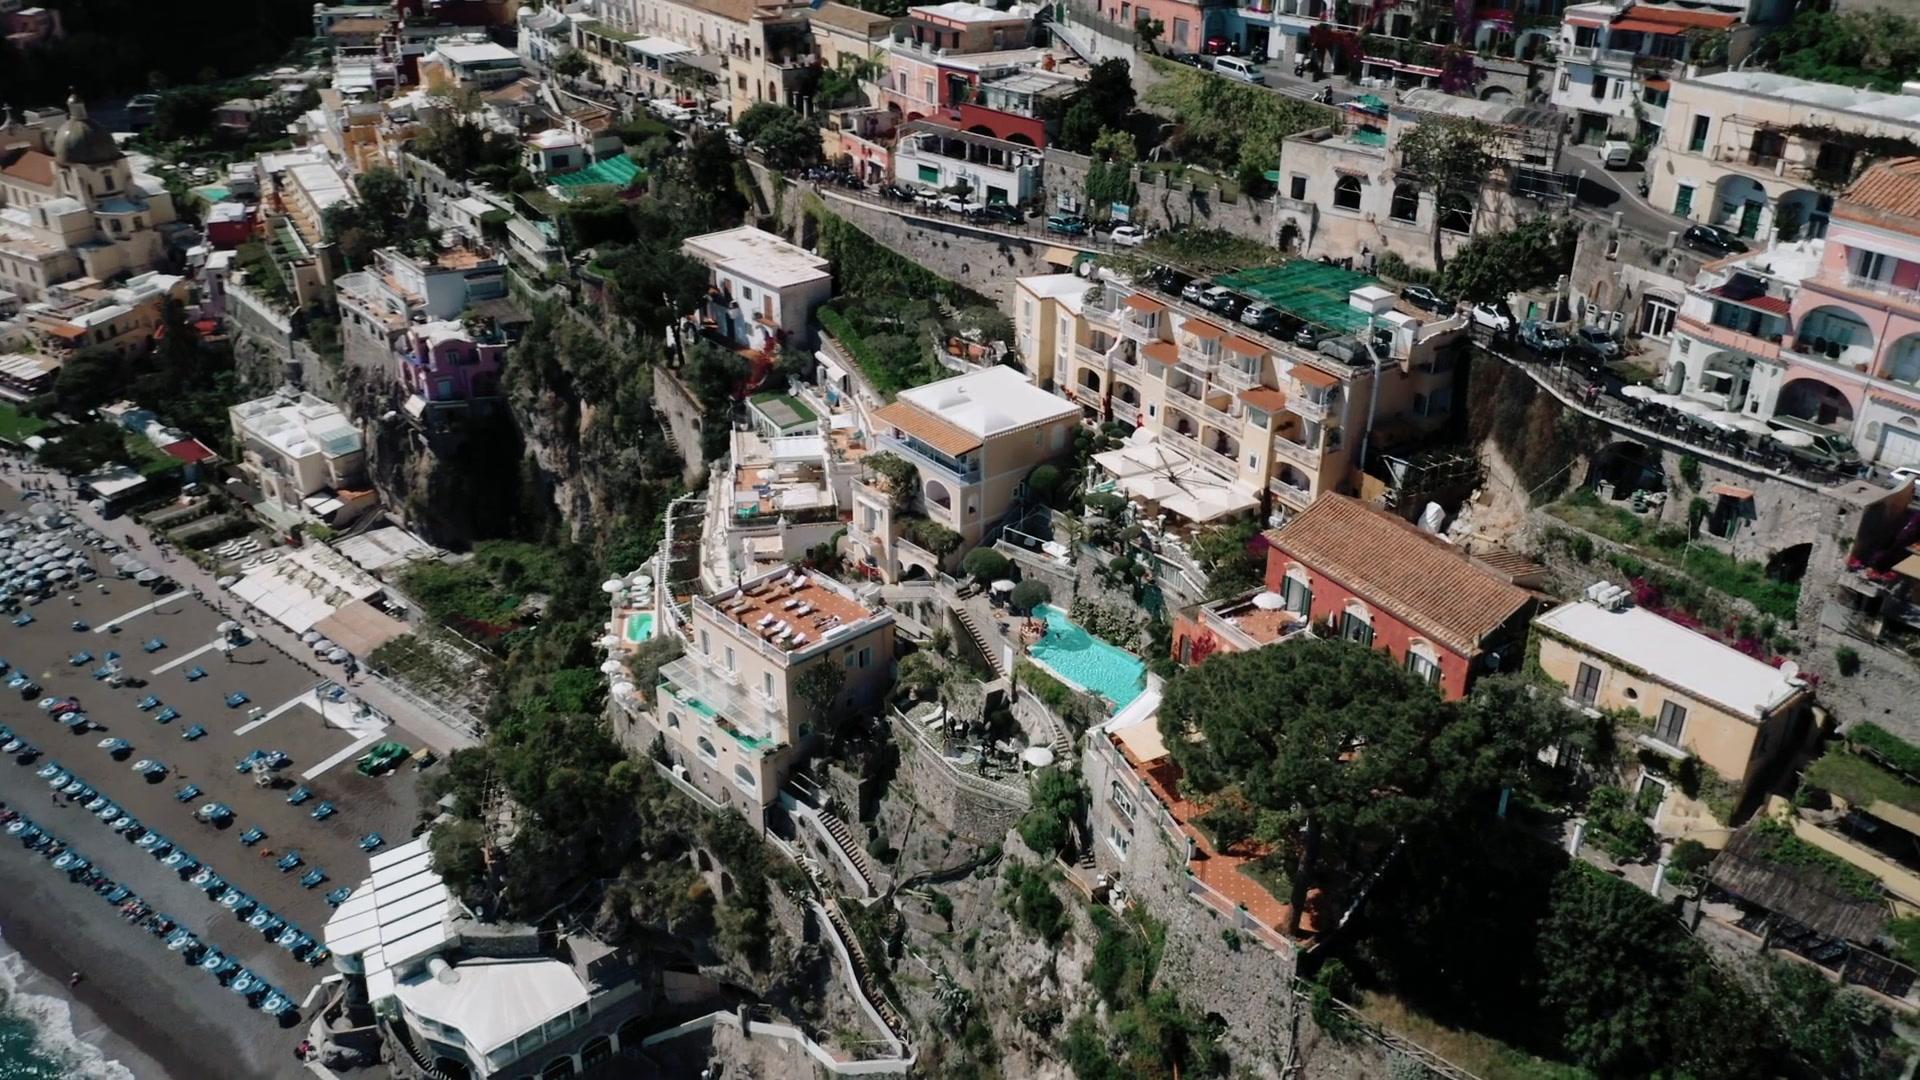 Arkadiusz + Sabrina | Positano, Italy | Marincanto Romantic Hotel